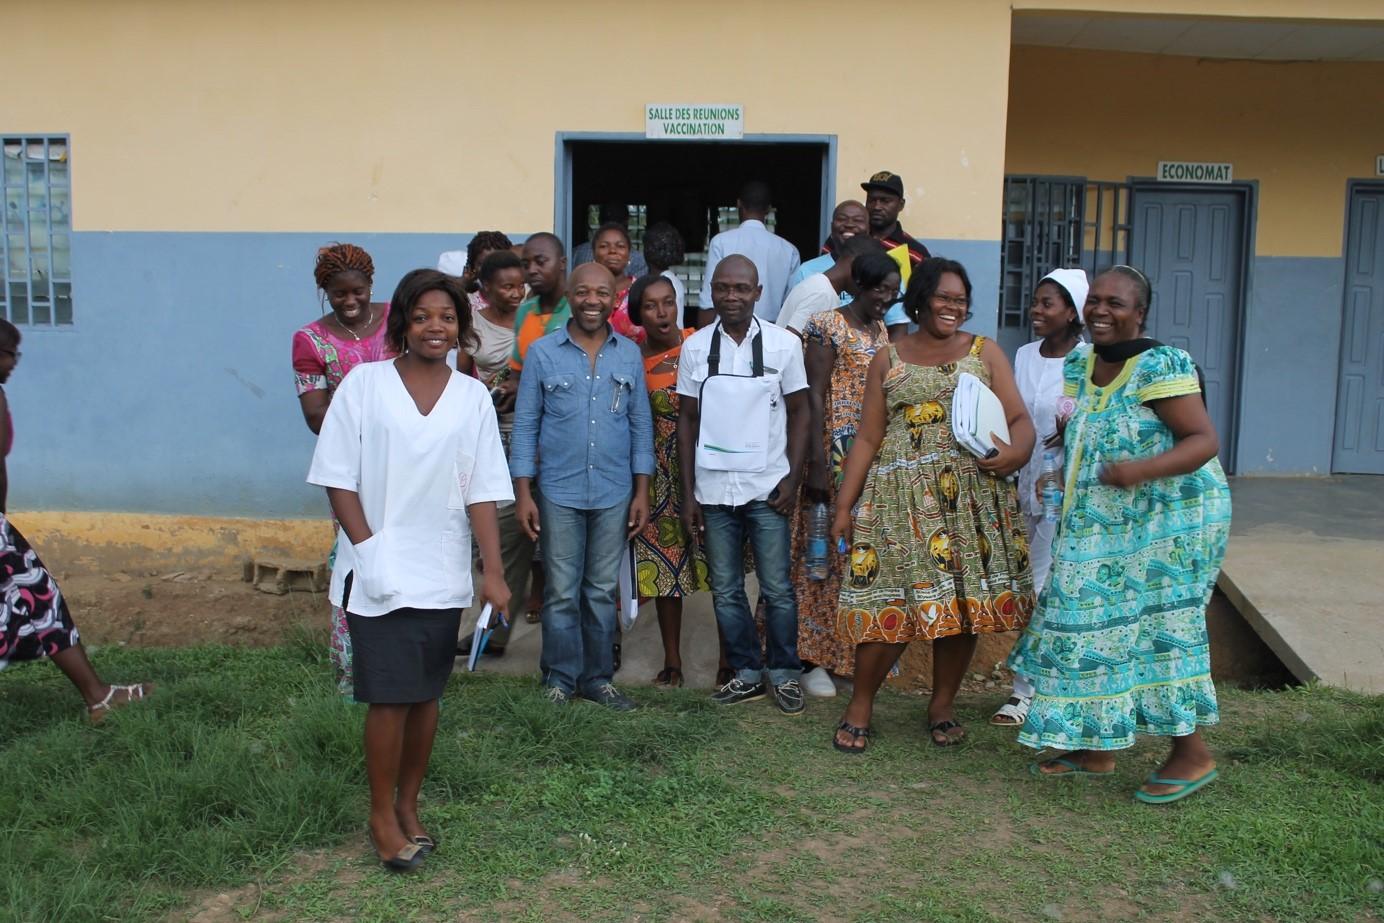 Hilfsprojekt-in-Ombessa-2